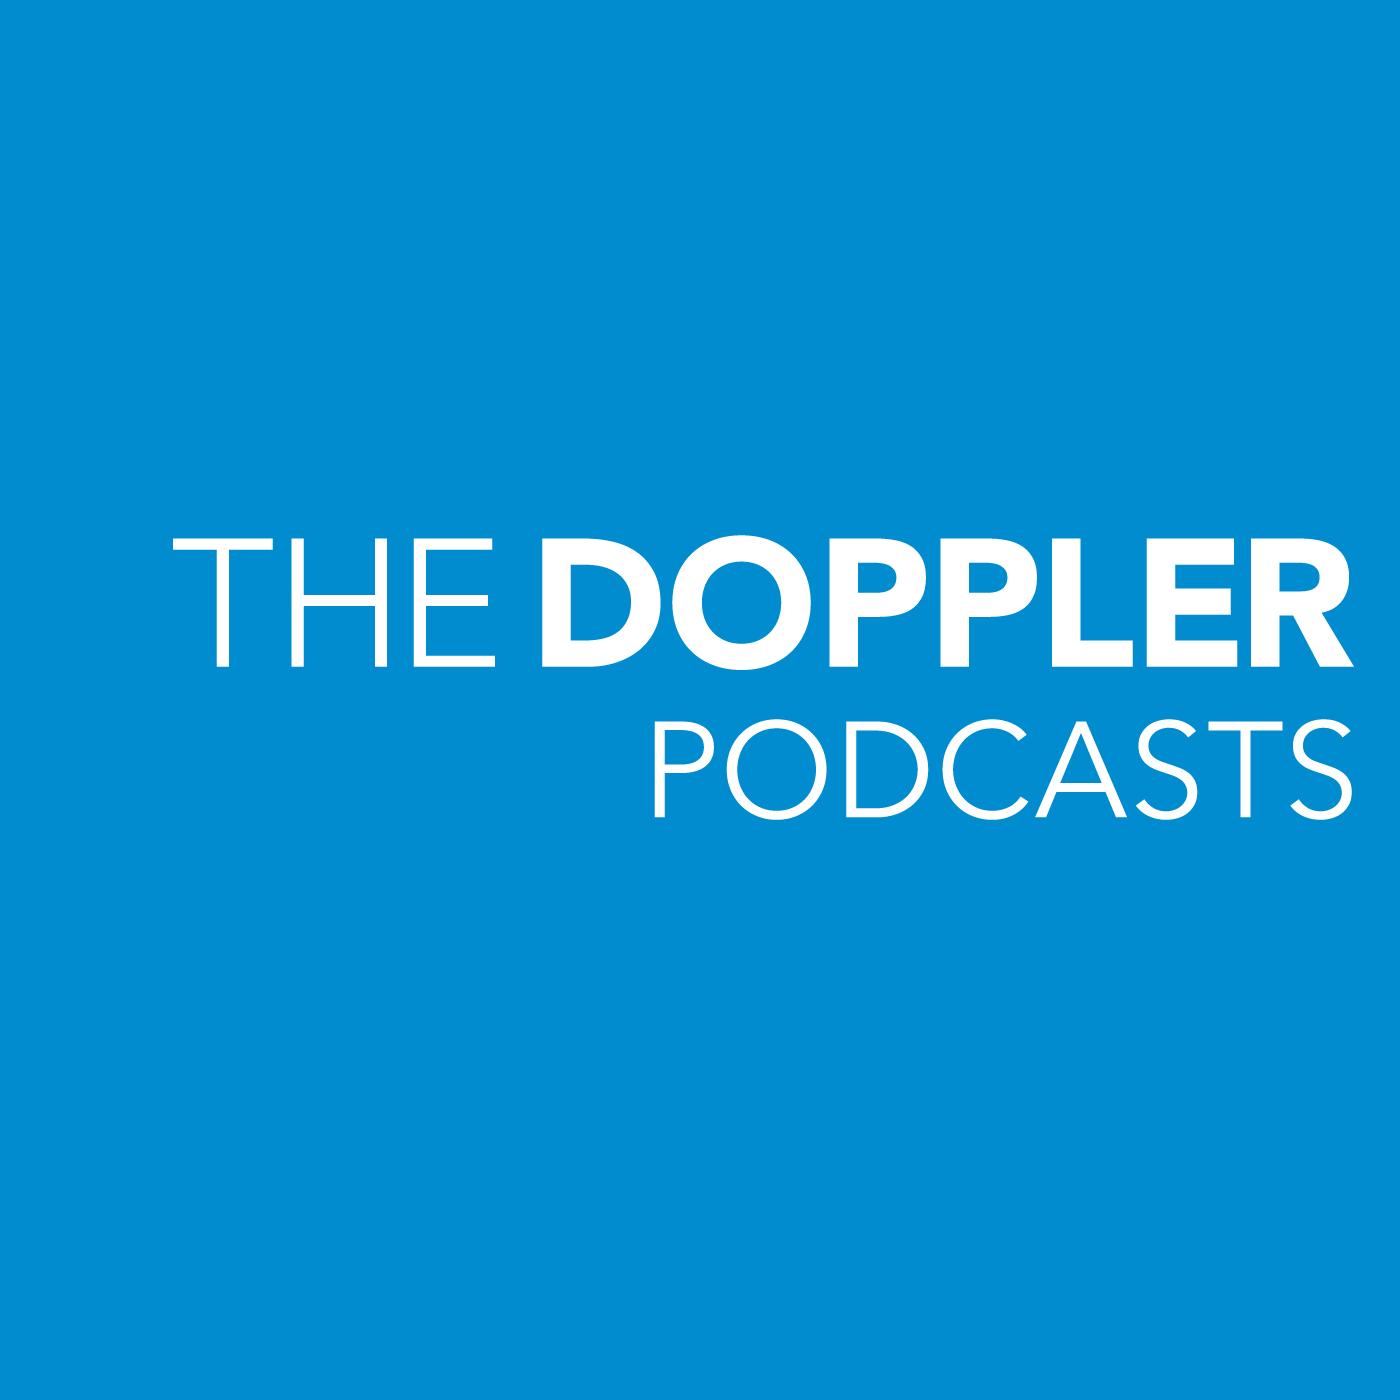 THE DOPPLER